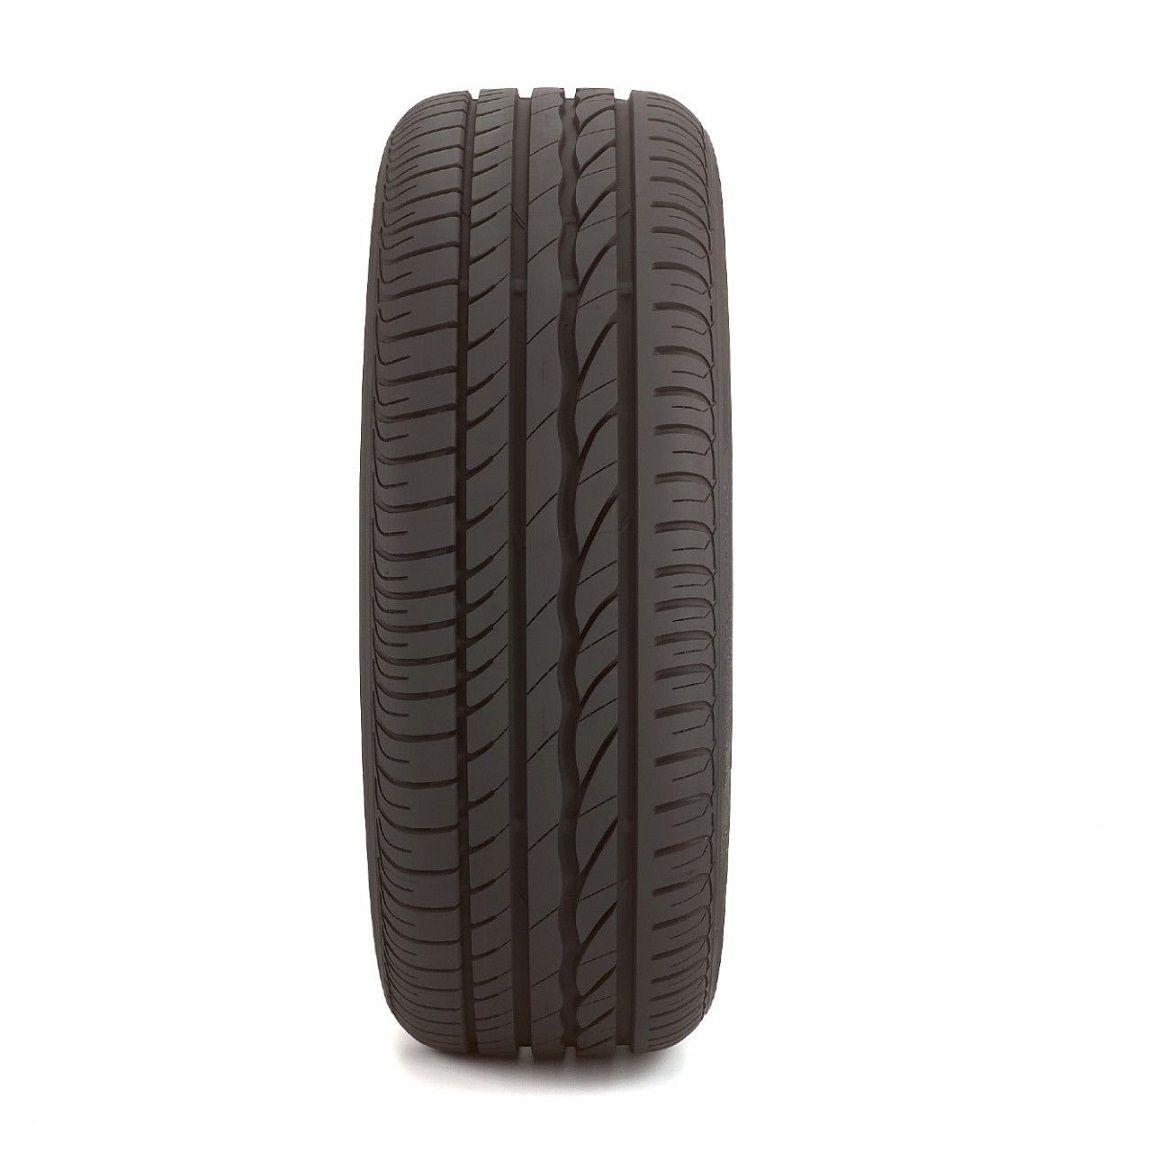 Pneu 185/70 R 14 - Turanza Er300 88h - Bridgestone